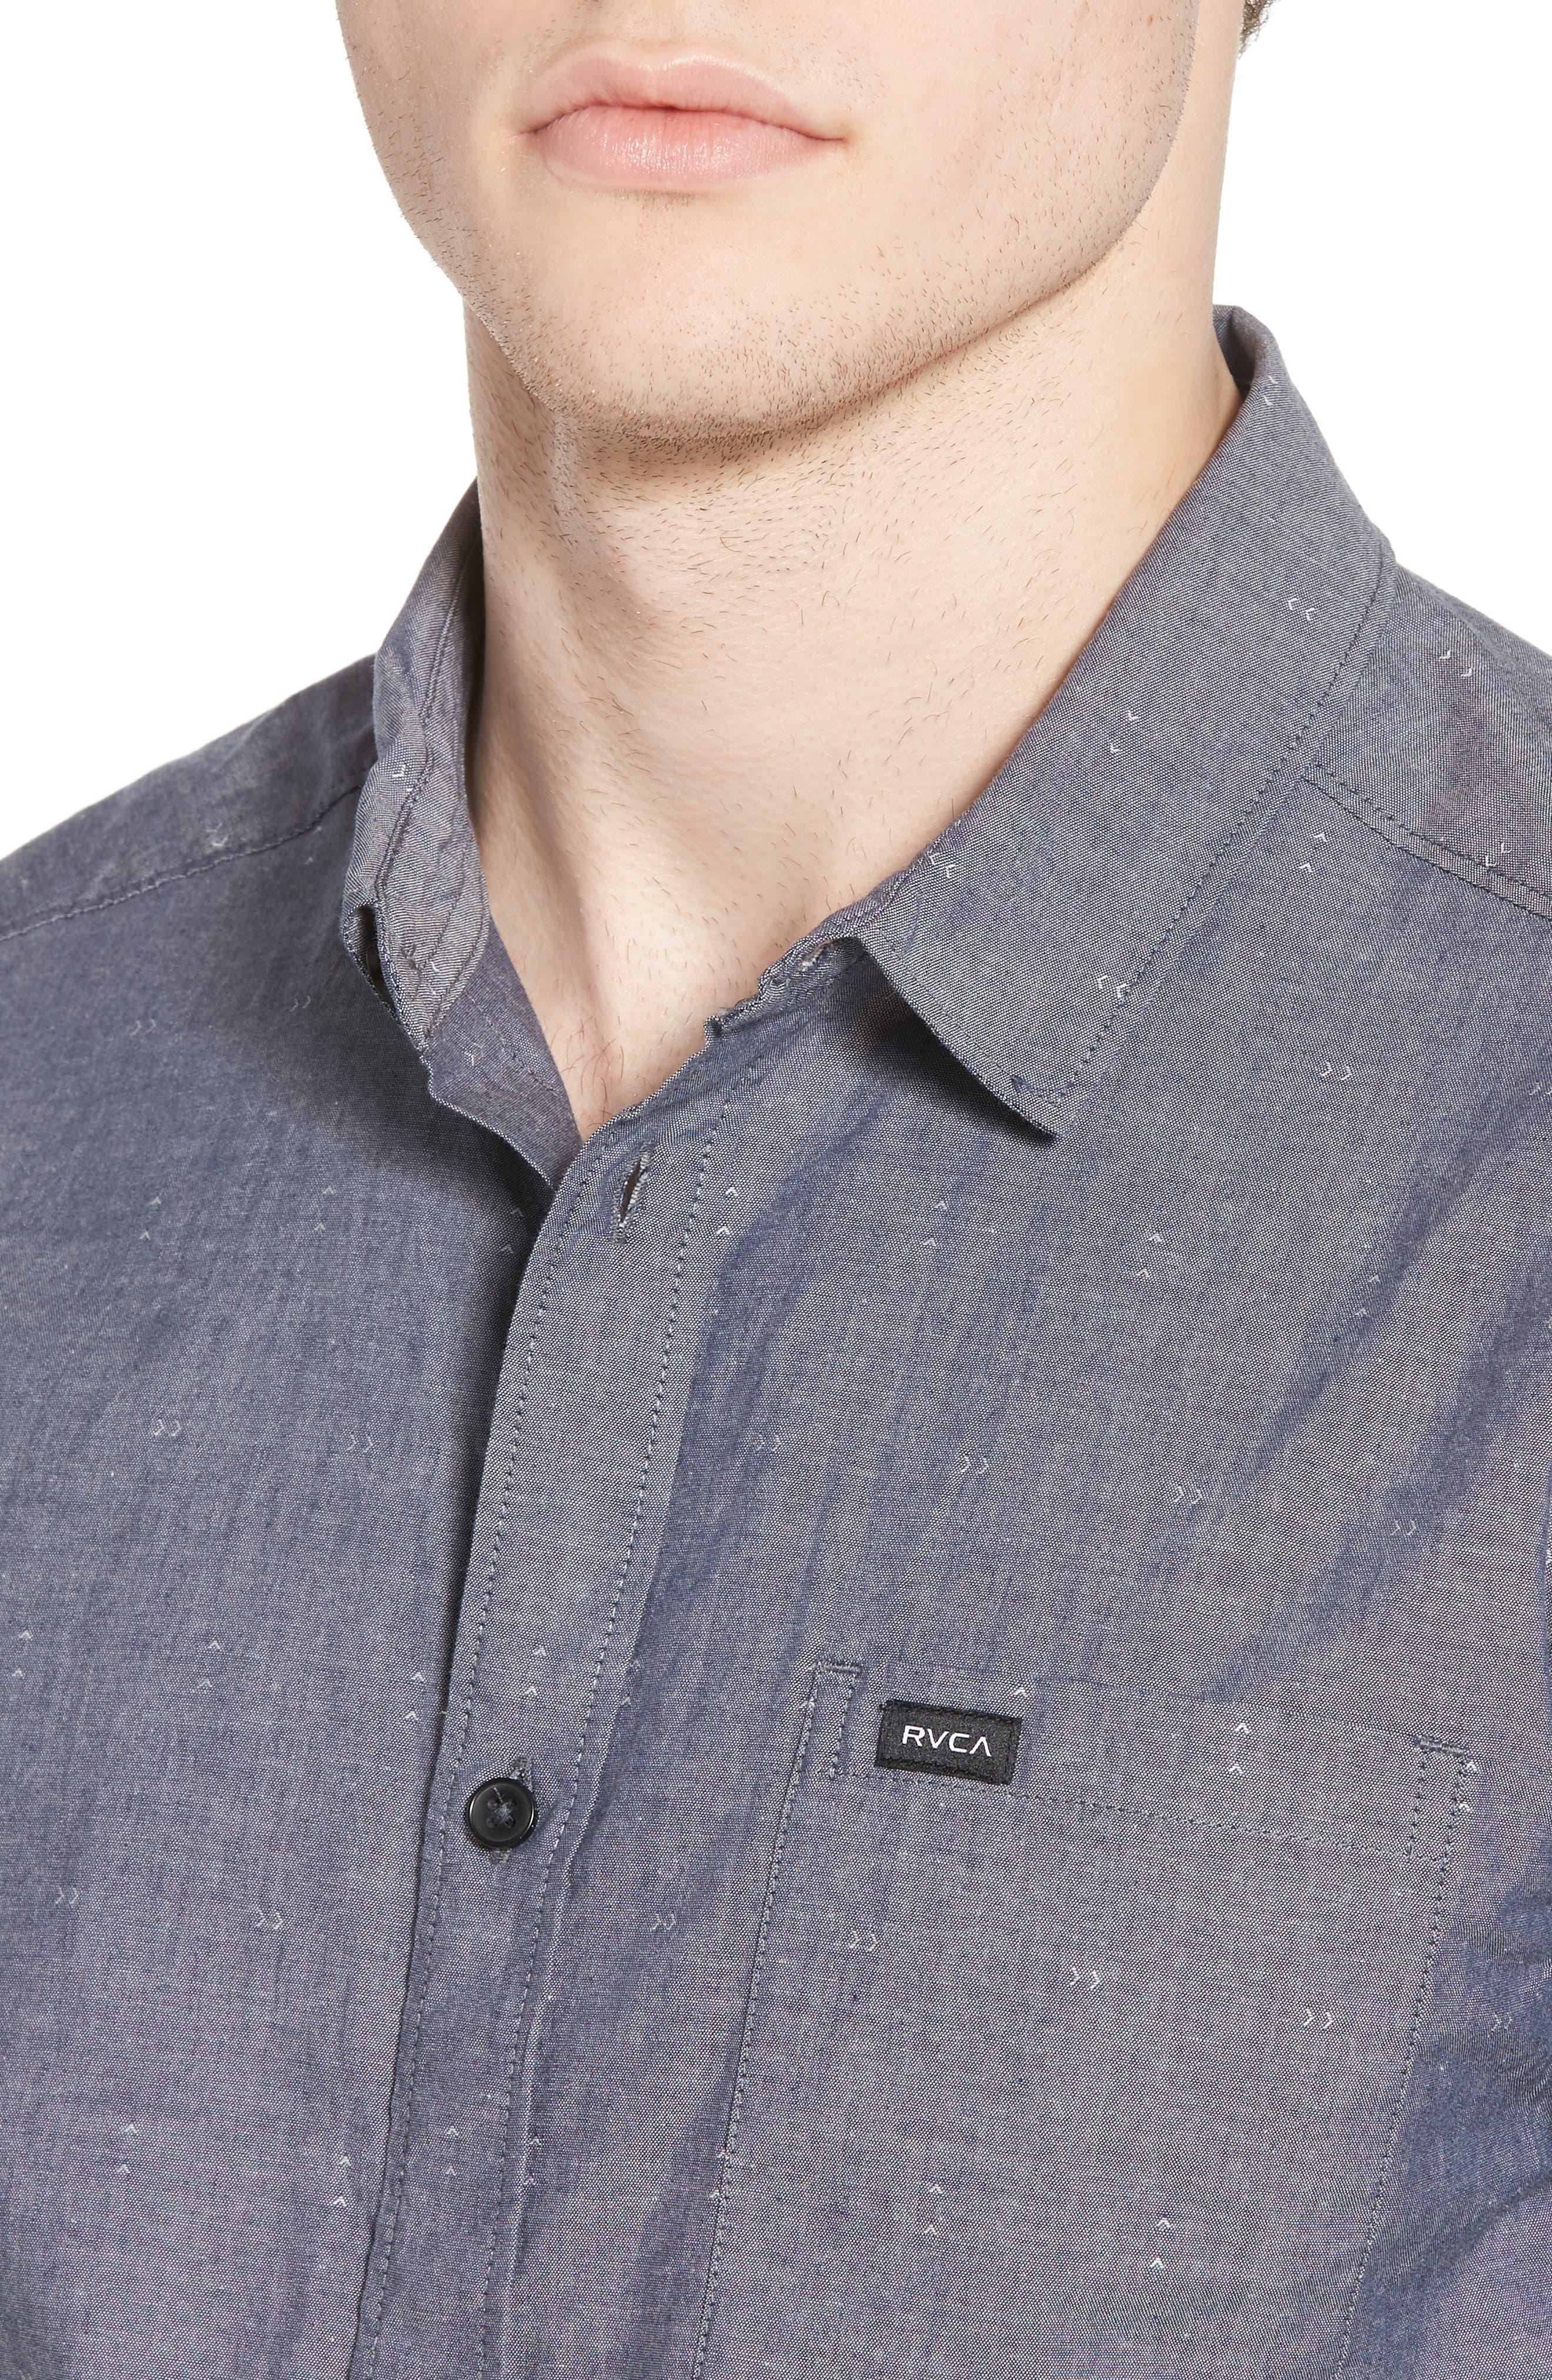 Arrows Woven Shirt,                             Alternate thumbnail 4, color,                             Classic Indigo